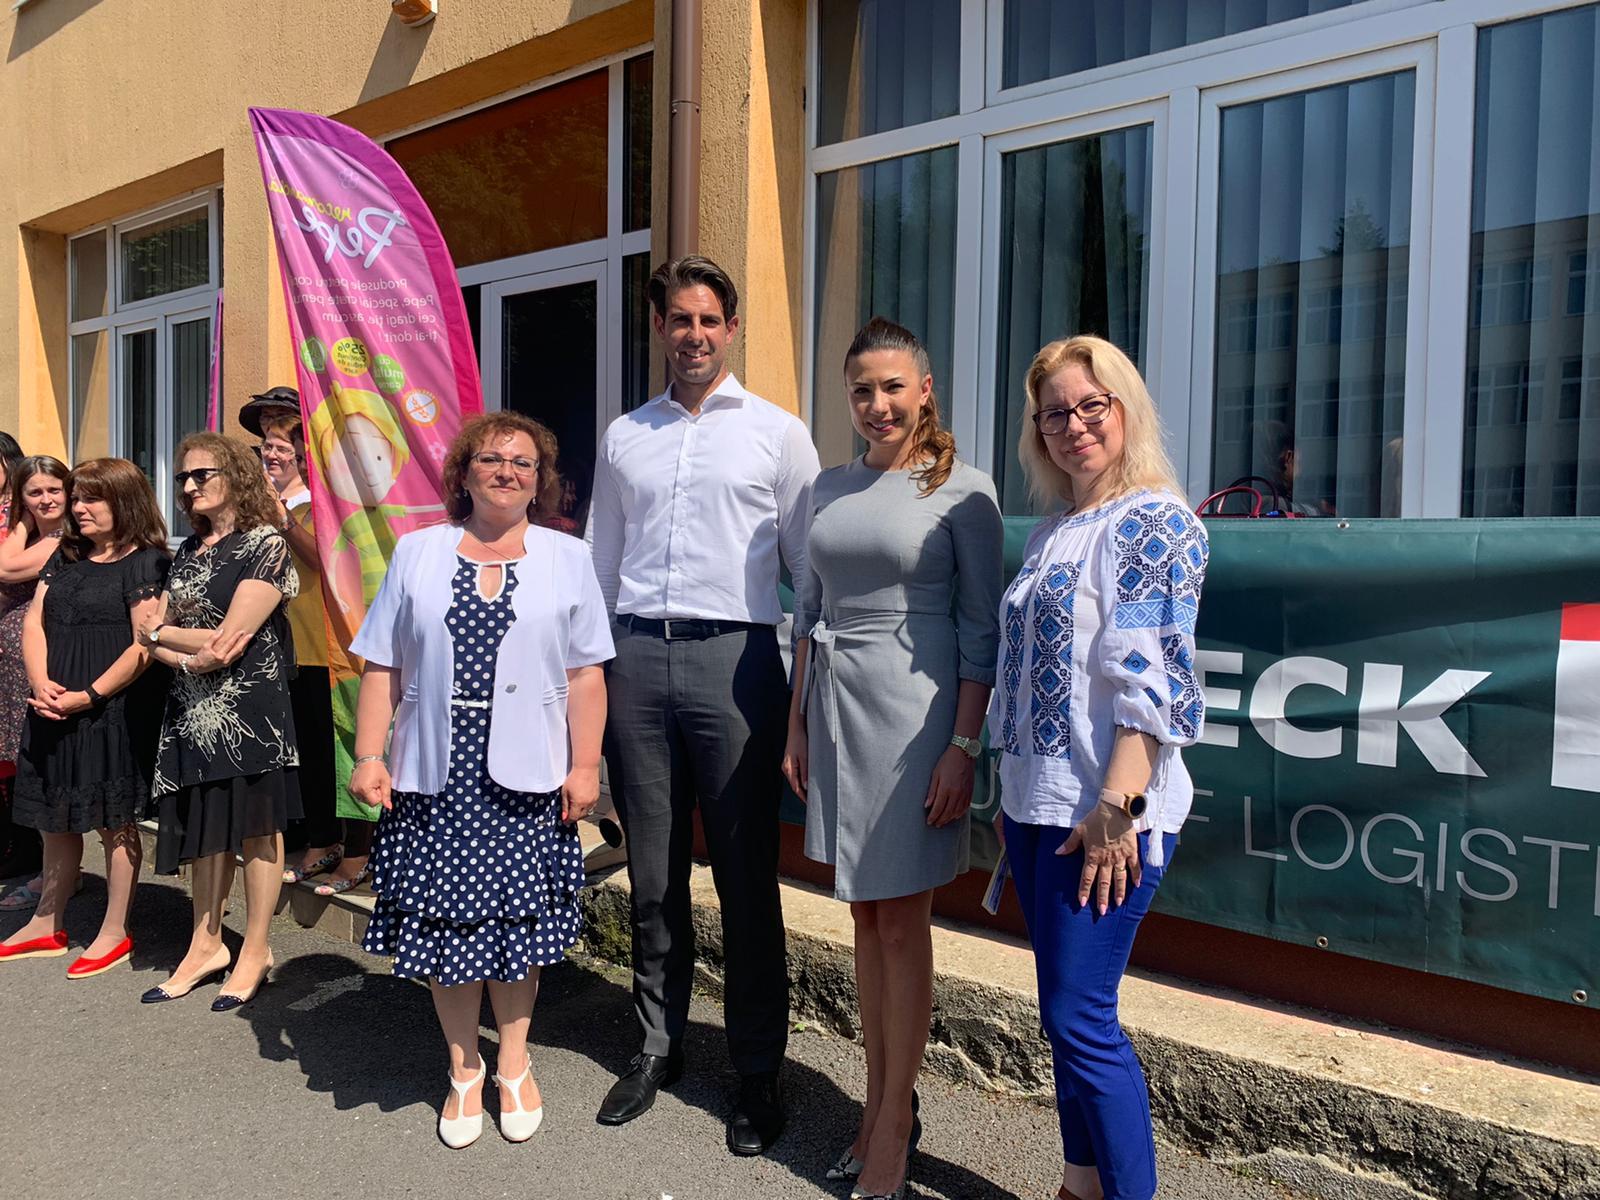 În premieră, un colegiu din Braşov a avut o festivitate de premiere inedită la final de an şcolar, premiindu-şi nu doar elevii ci şi profesorii